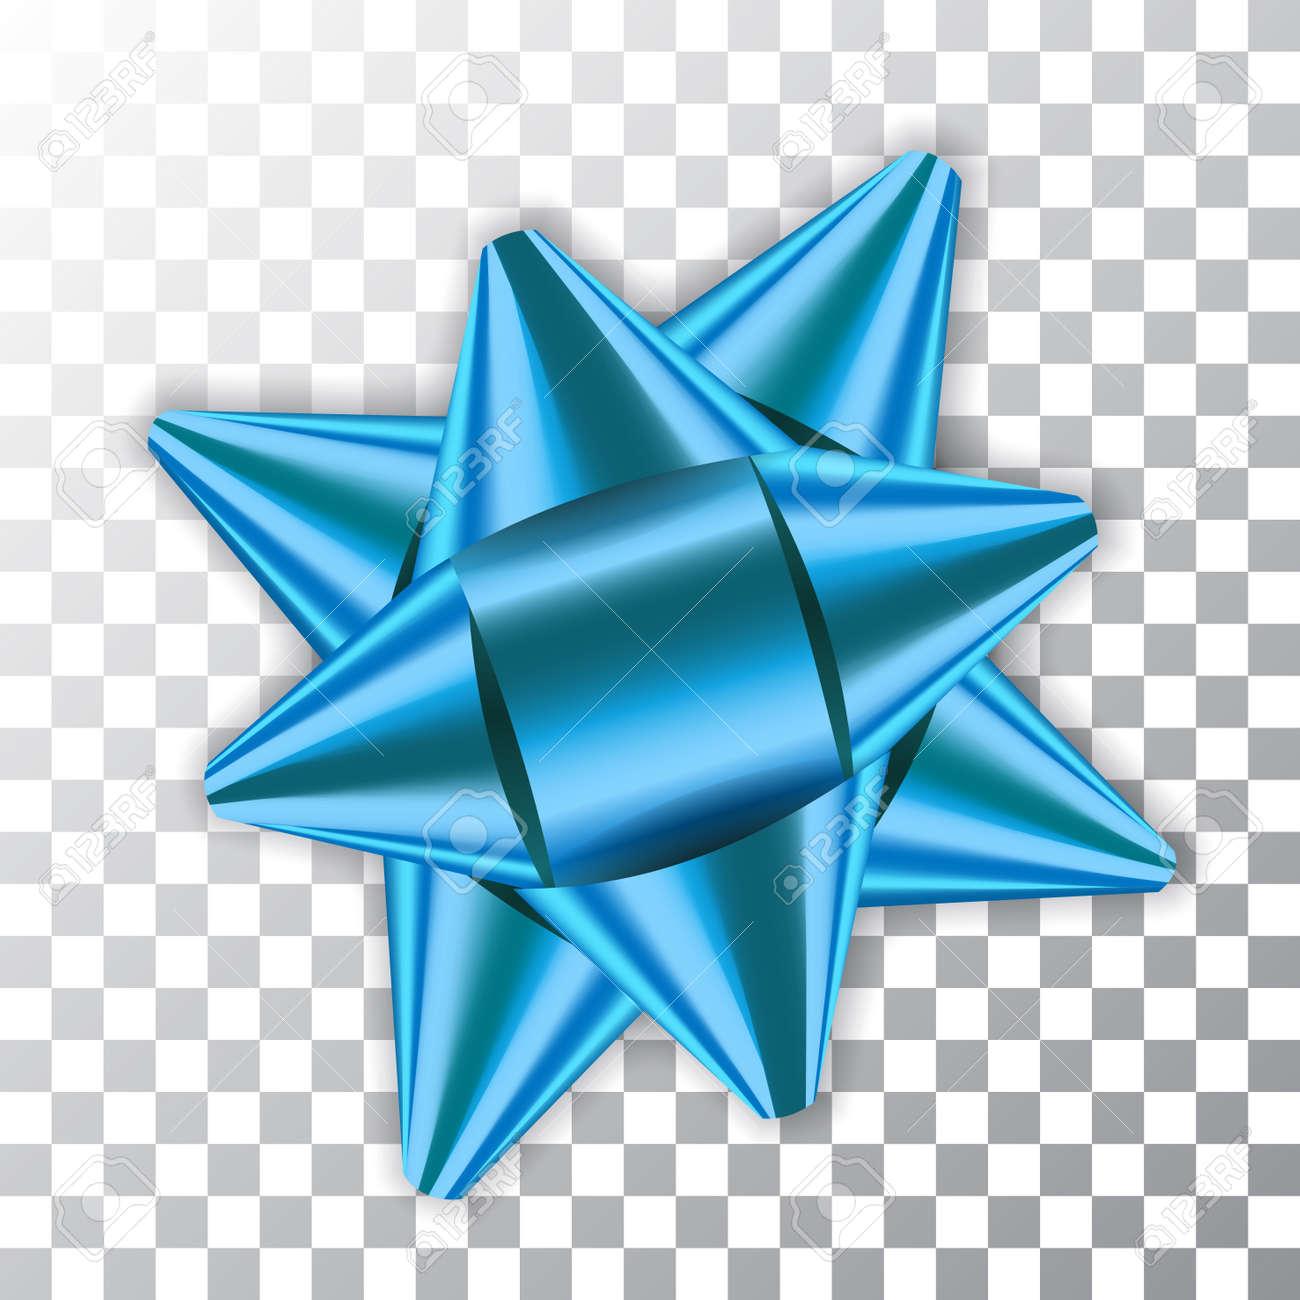 Decoration De Paquets Cadeaux bleu arc ruban décor élément paquet brillant couleur satin décoration  cadeau présent isolé fond transparent blanc. célébration de noël nouvel an,